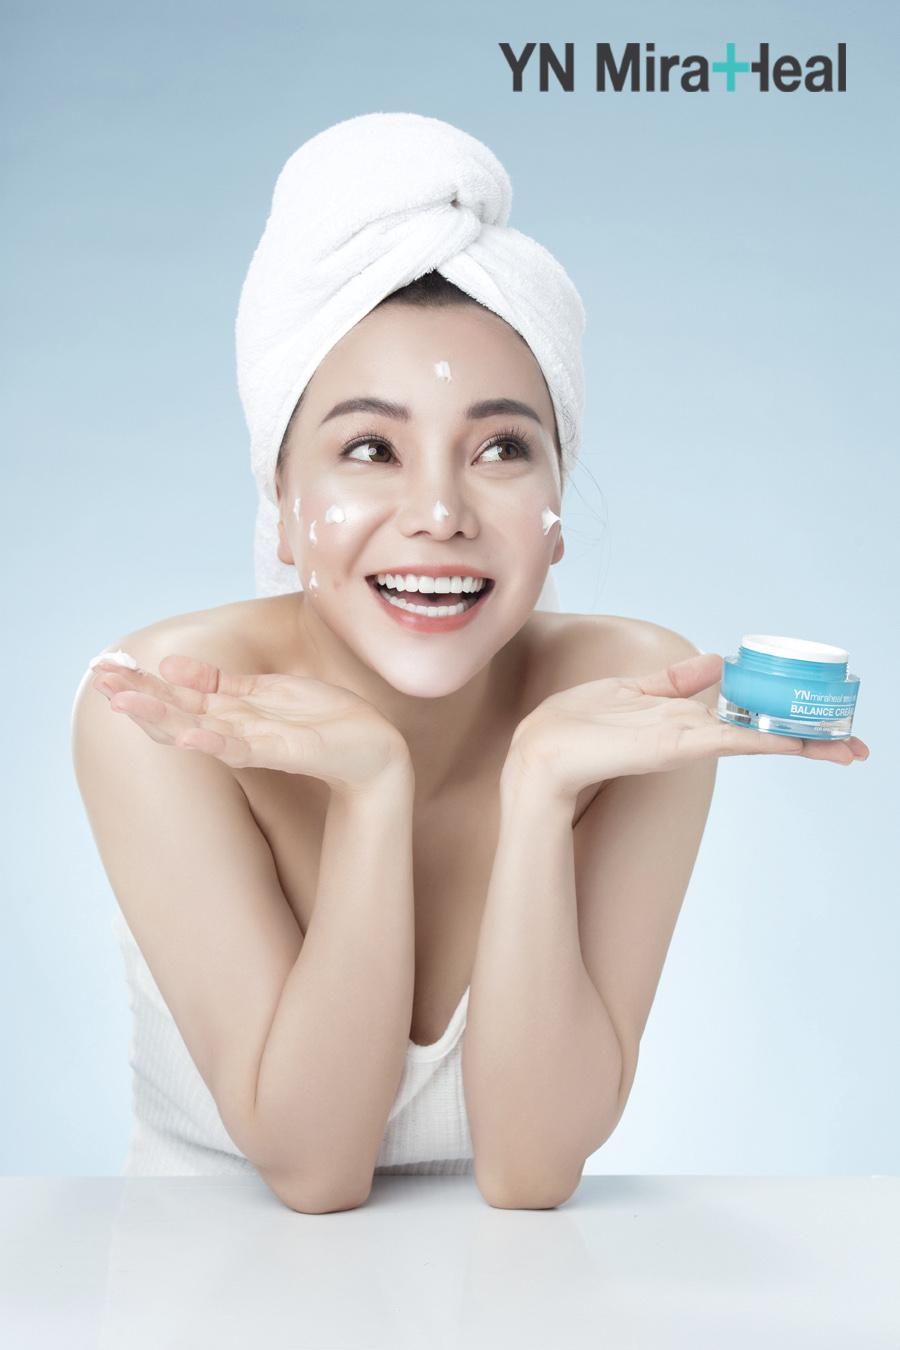 Kem dưỡng ẩm cho da dầu cần thành phần không chứa cồn, tinh dầu